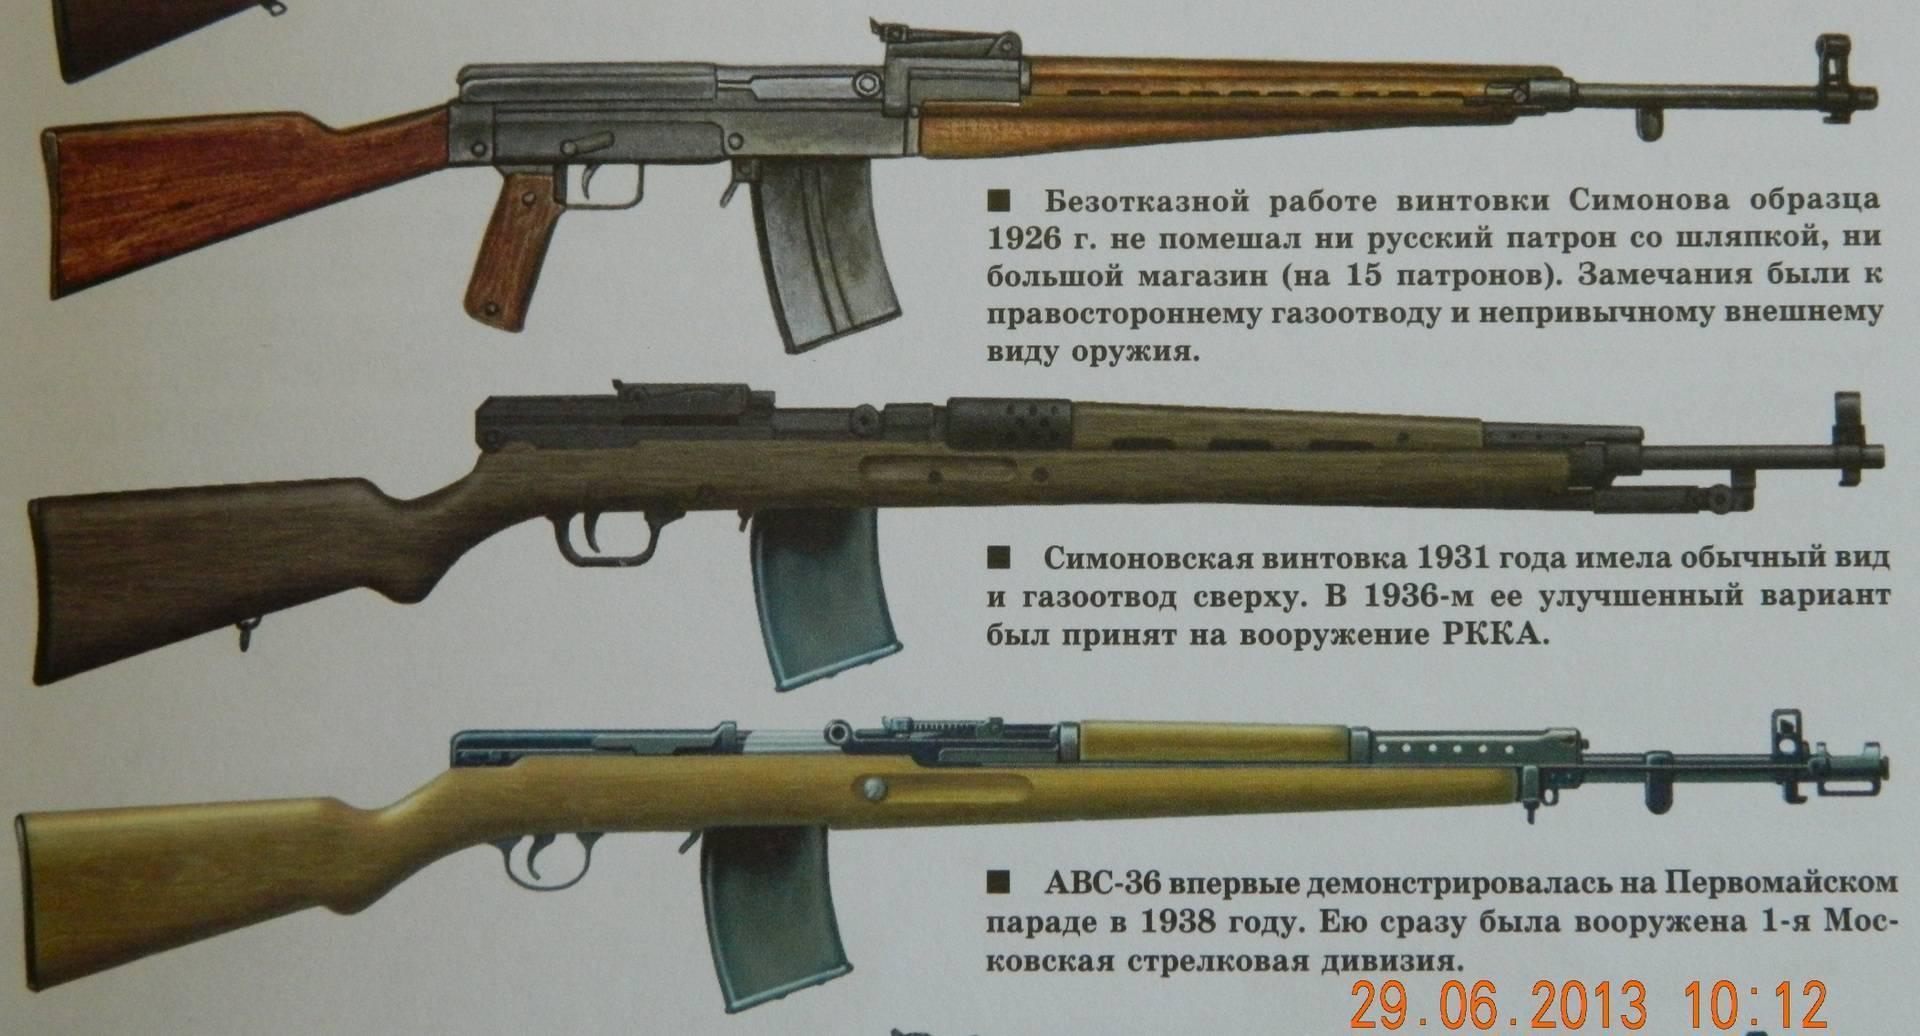 Авс-36: первая советская автоматическая винтовка.